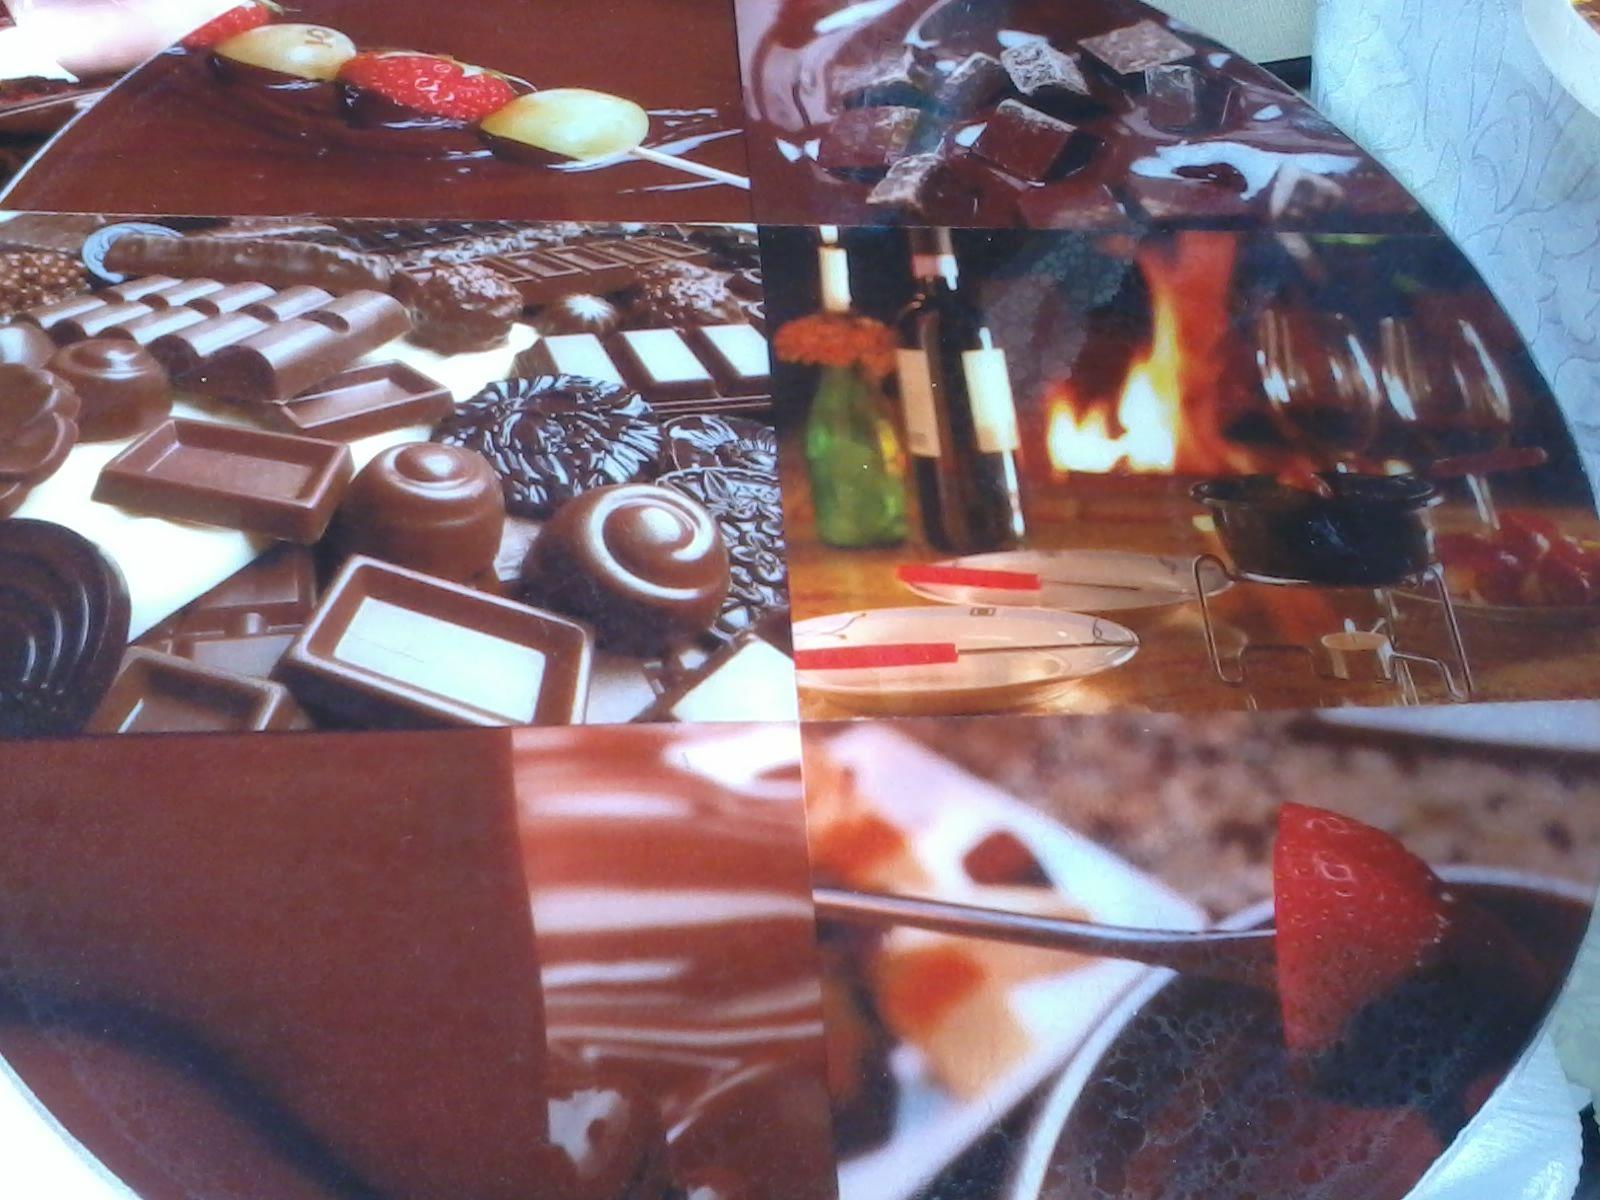 Pratos Giratórios Personalizados. Chocolate ! R$ 80,00 pequeno R$ 100,00 grande